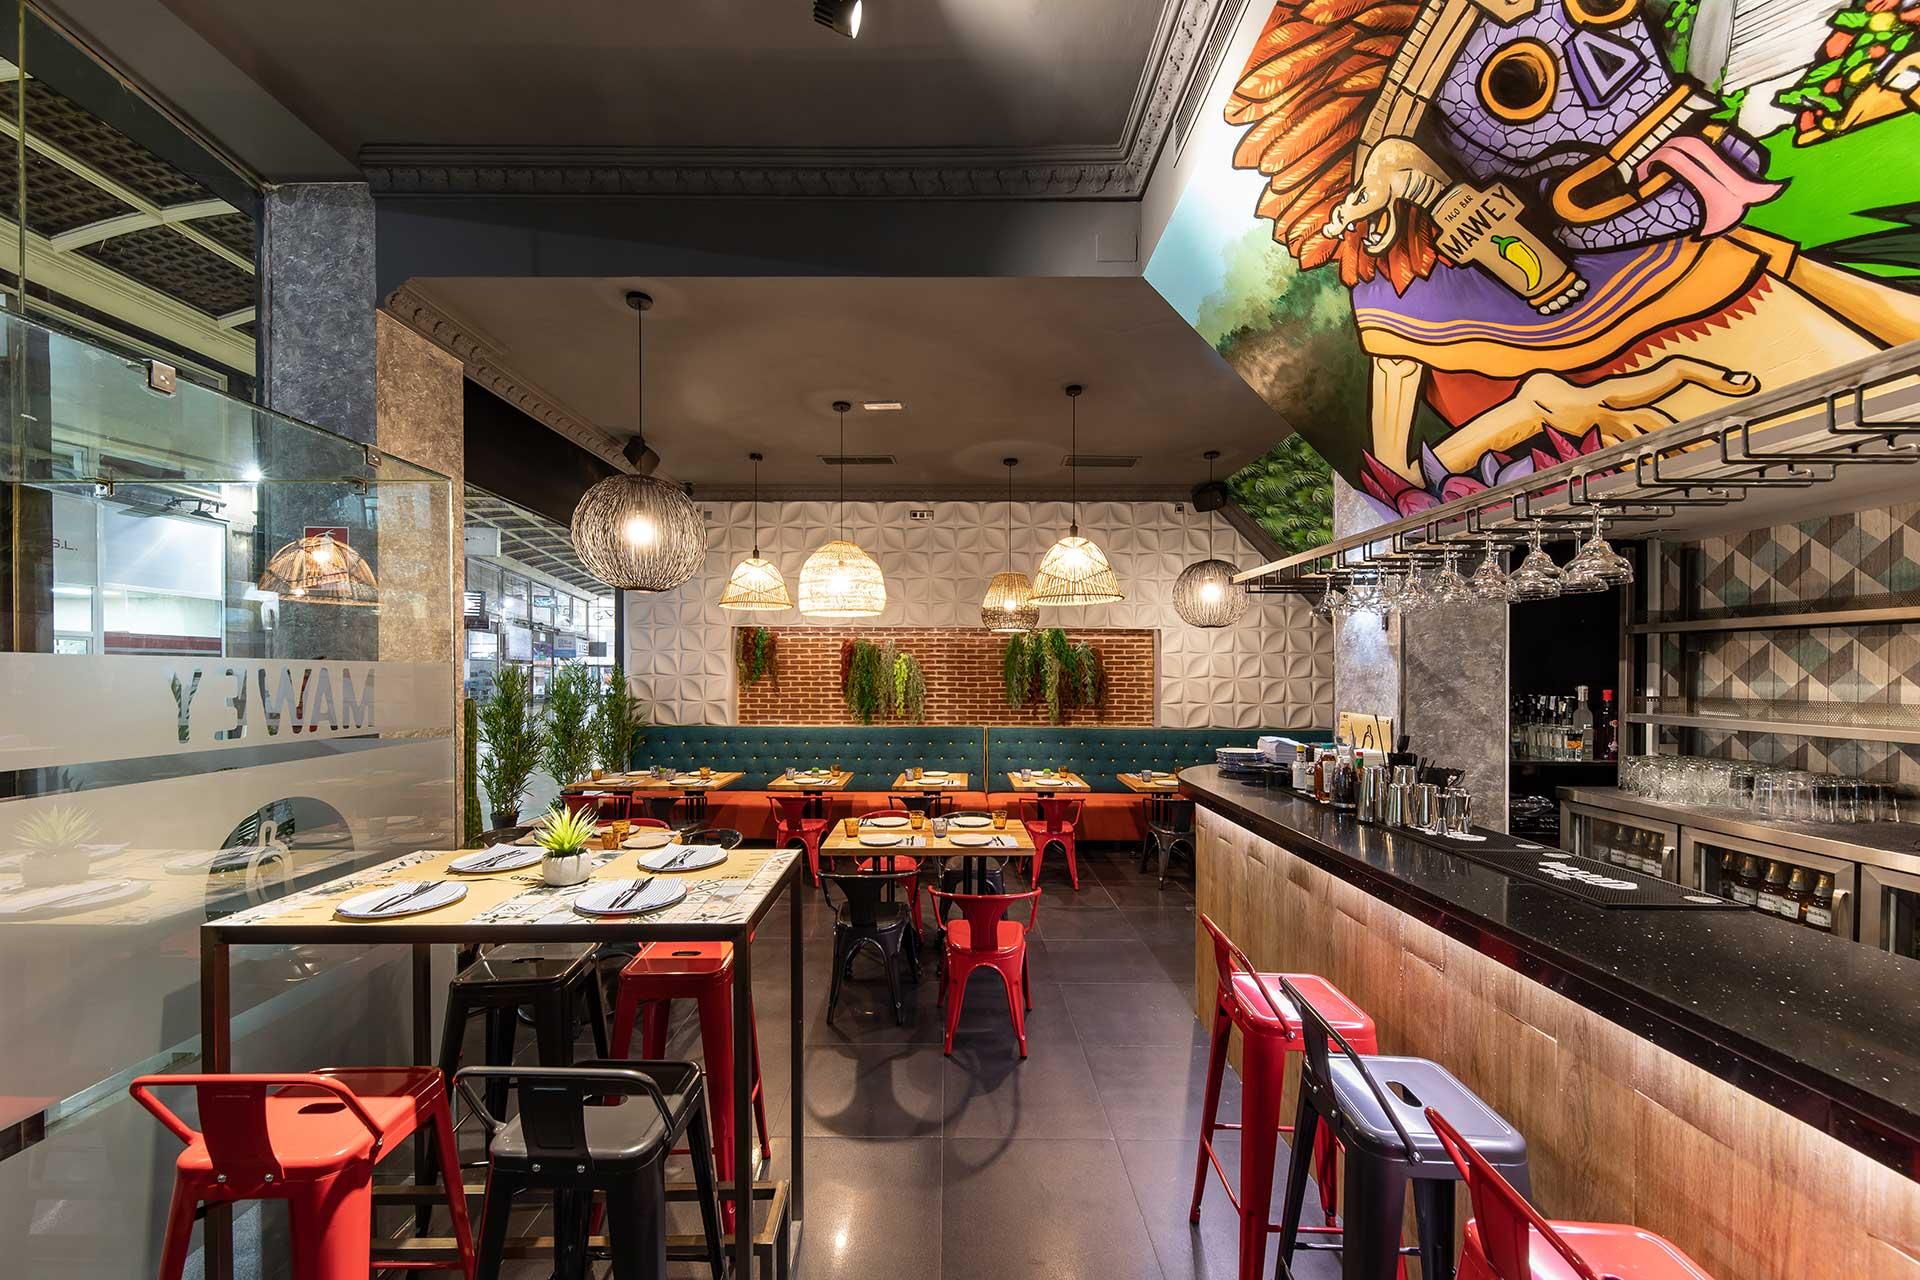 Restaurante comida mexicana Gran vía